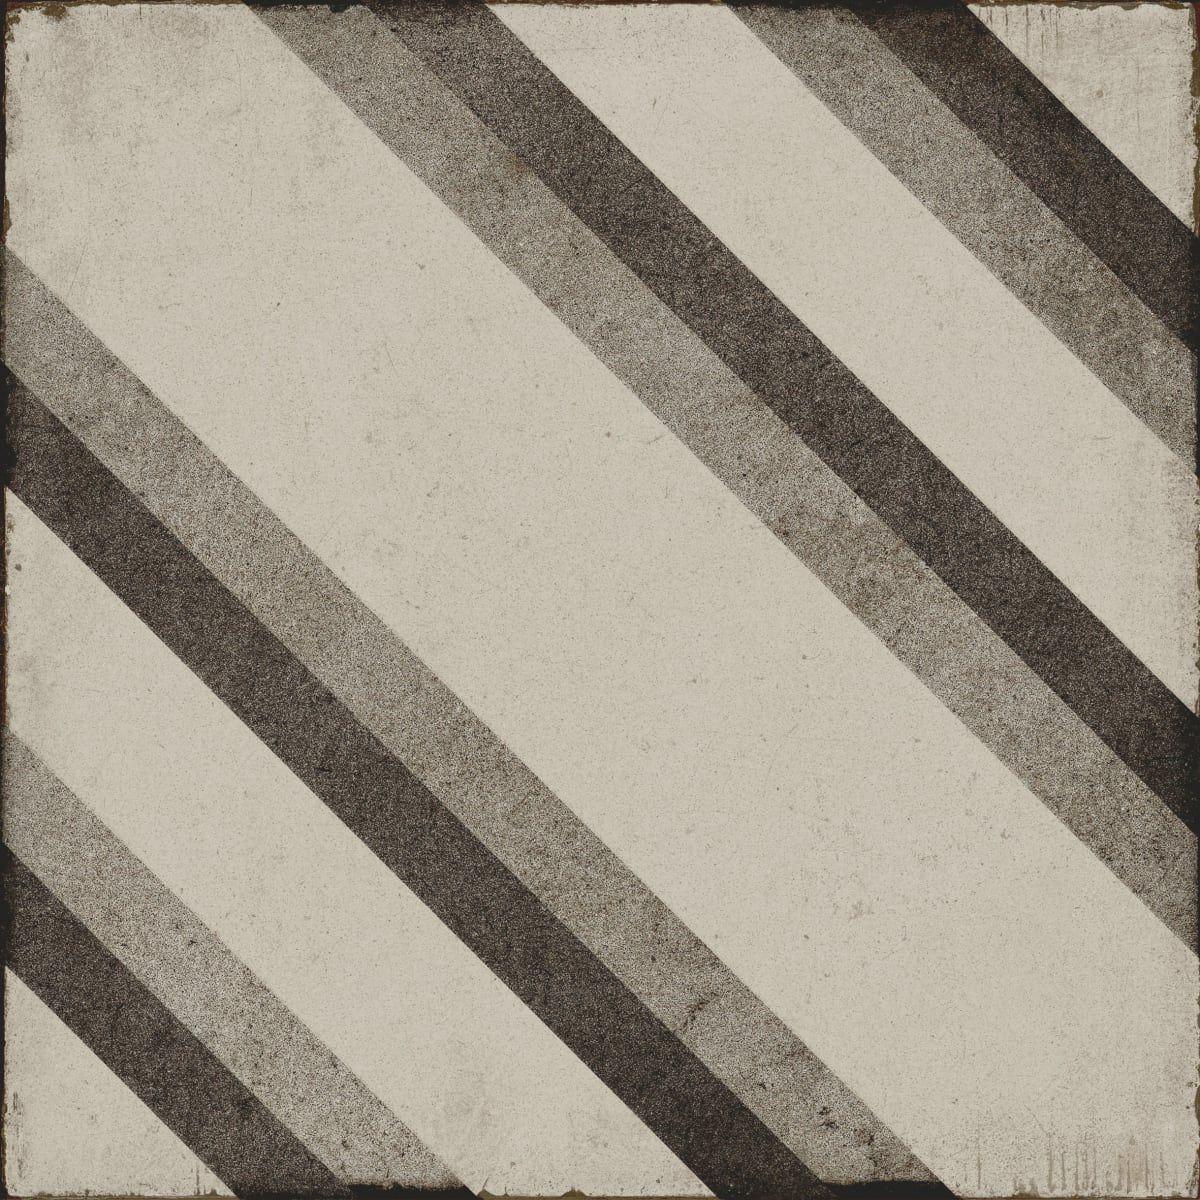 Daltile QU88PIAZZAP Porcelain tile, Decorative tile, Tiles